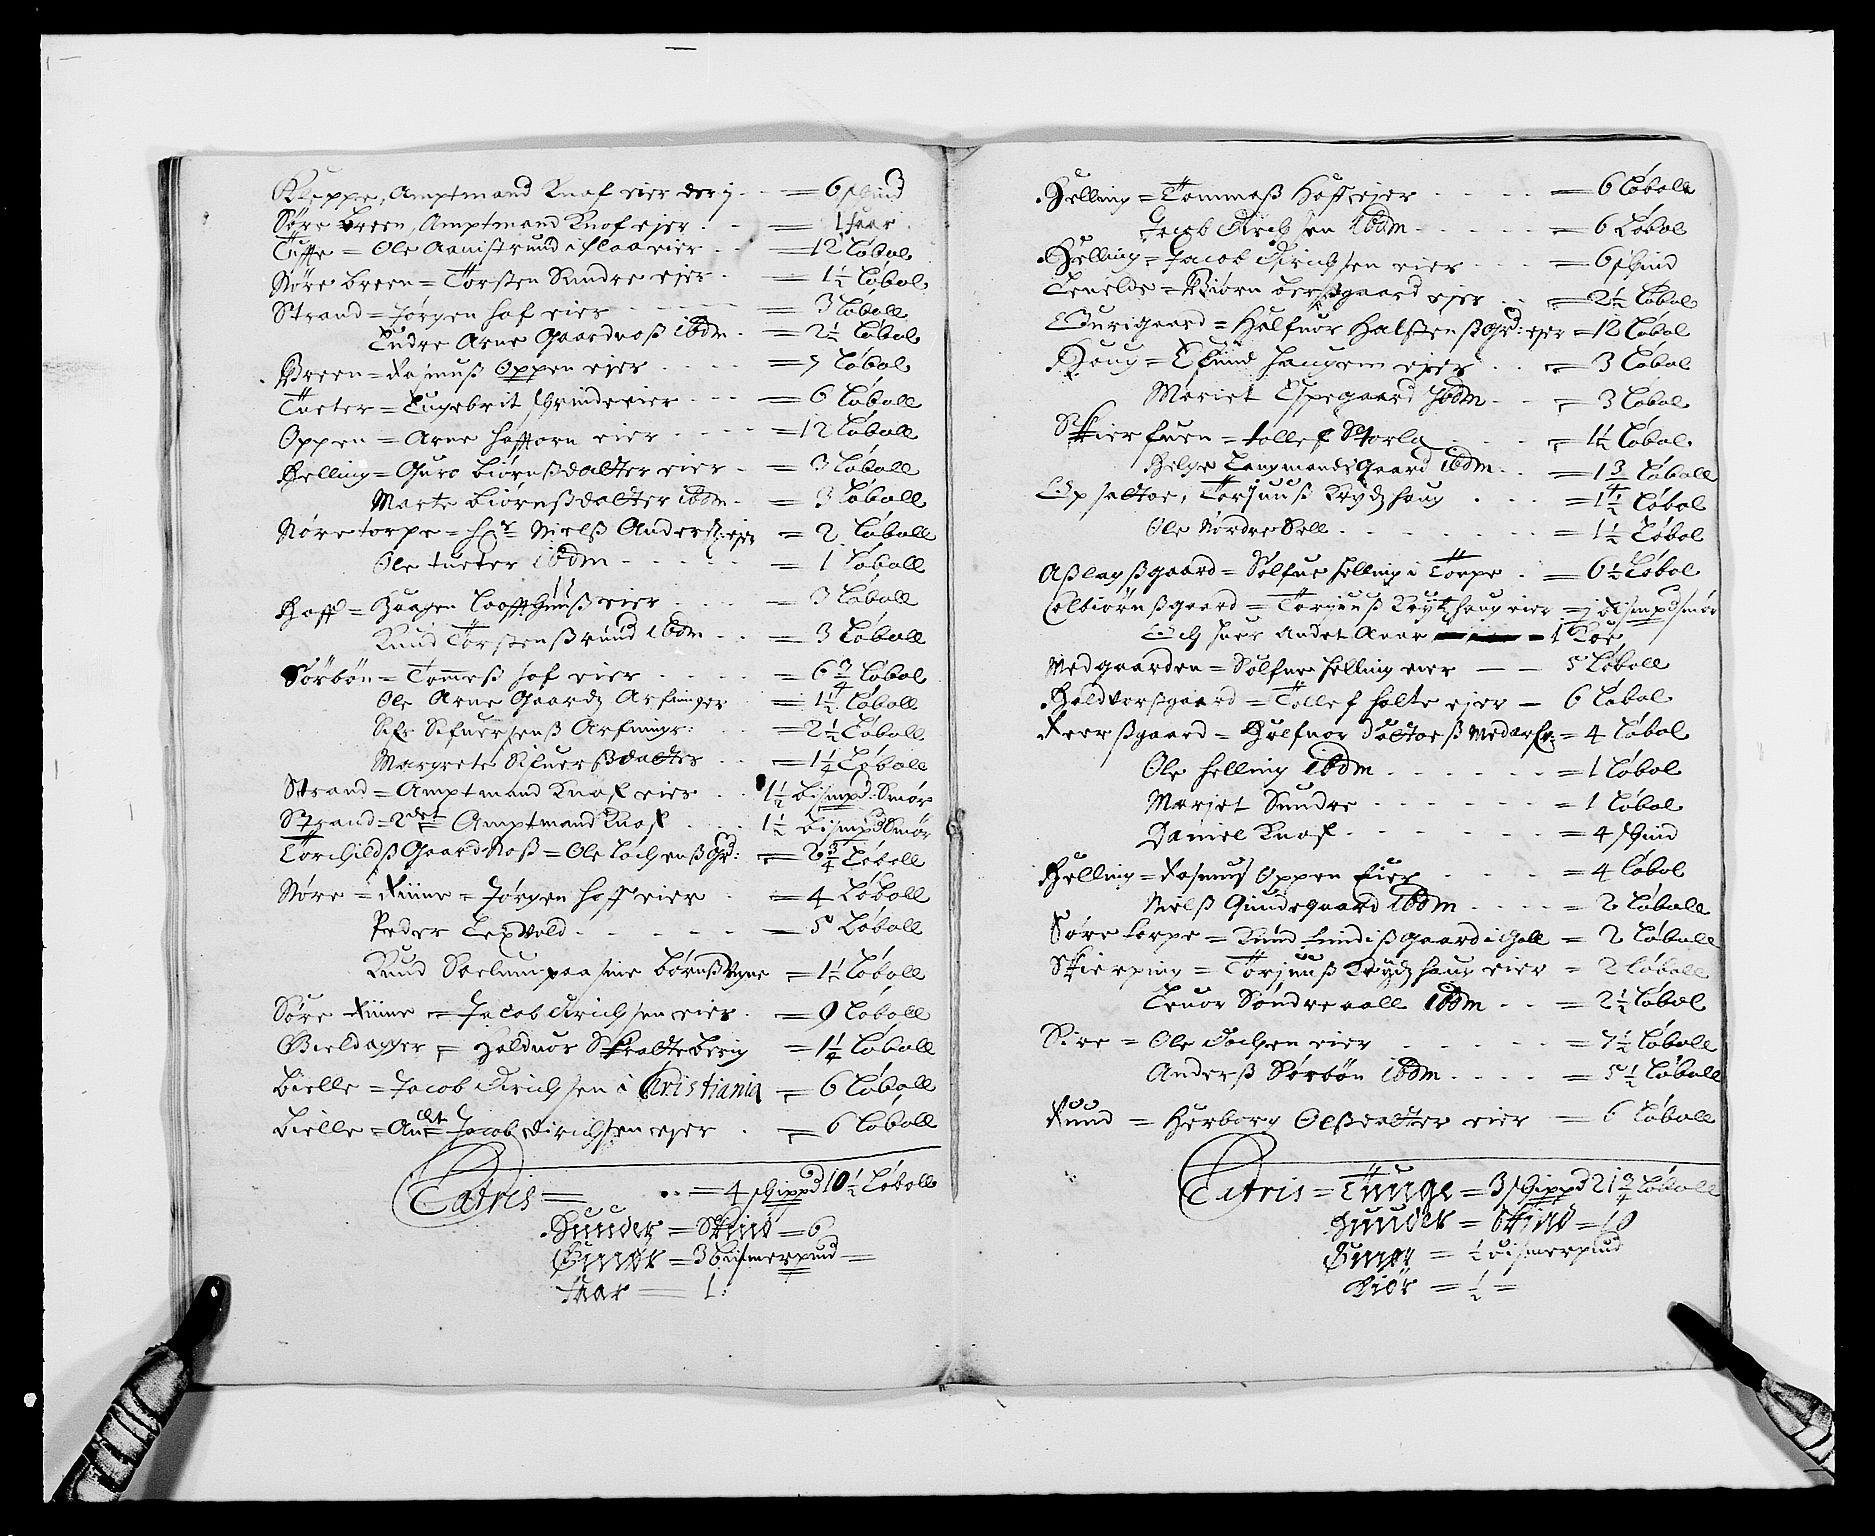 RA, Rentekammeret inntil 1814, Reviderte regnskaper, Fogderegnskap, R21/L1445: Fogderegnskap Ringerike og Hallingdal, 1681-1689, s. 363